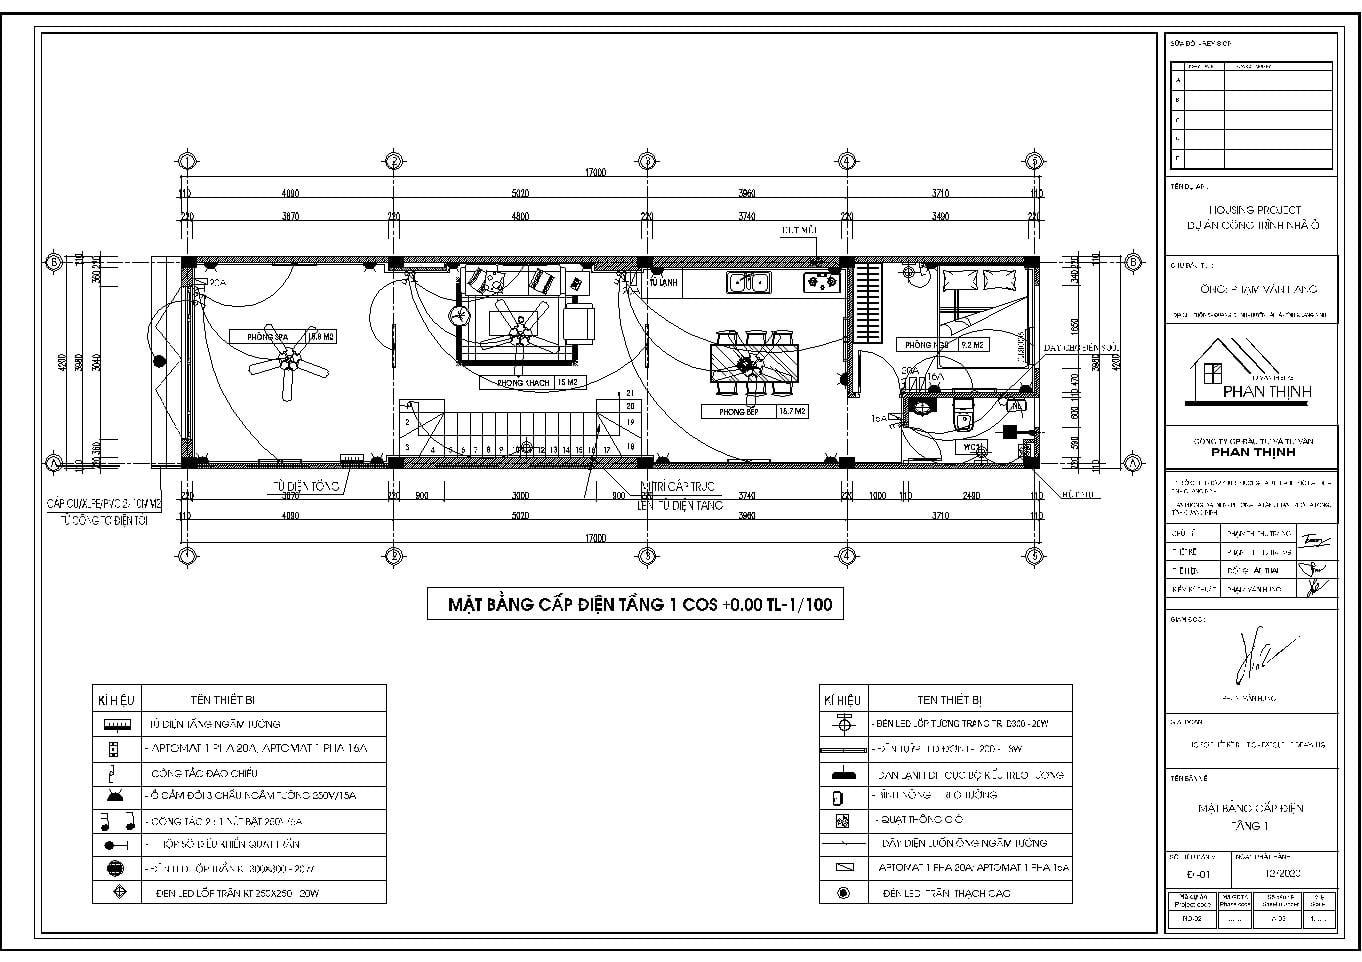 Bản vẽ thiết kế điện tầng 1